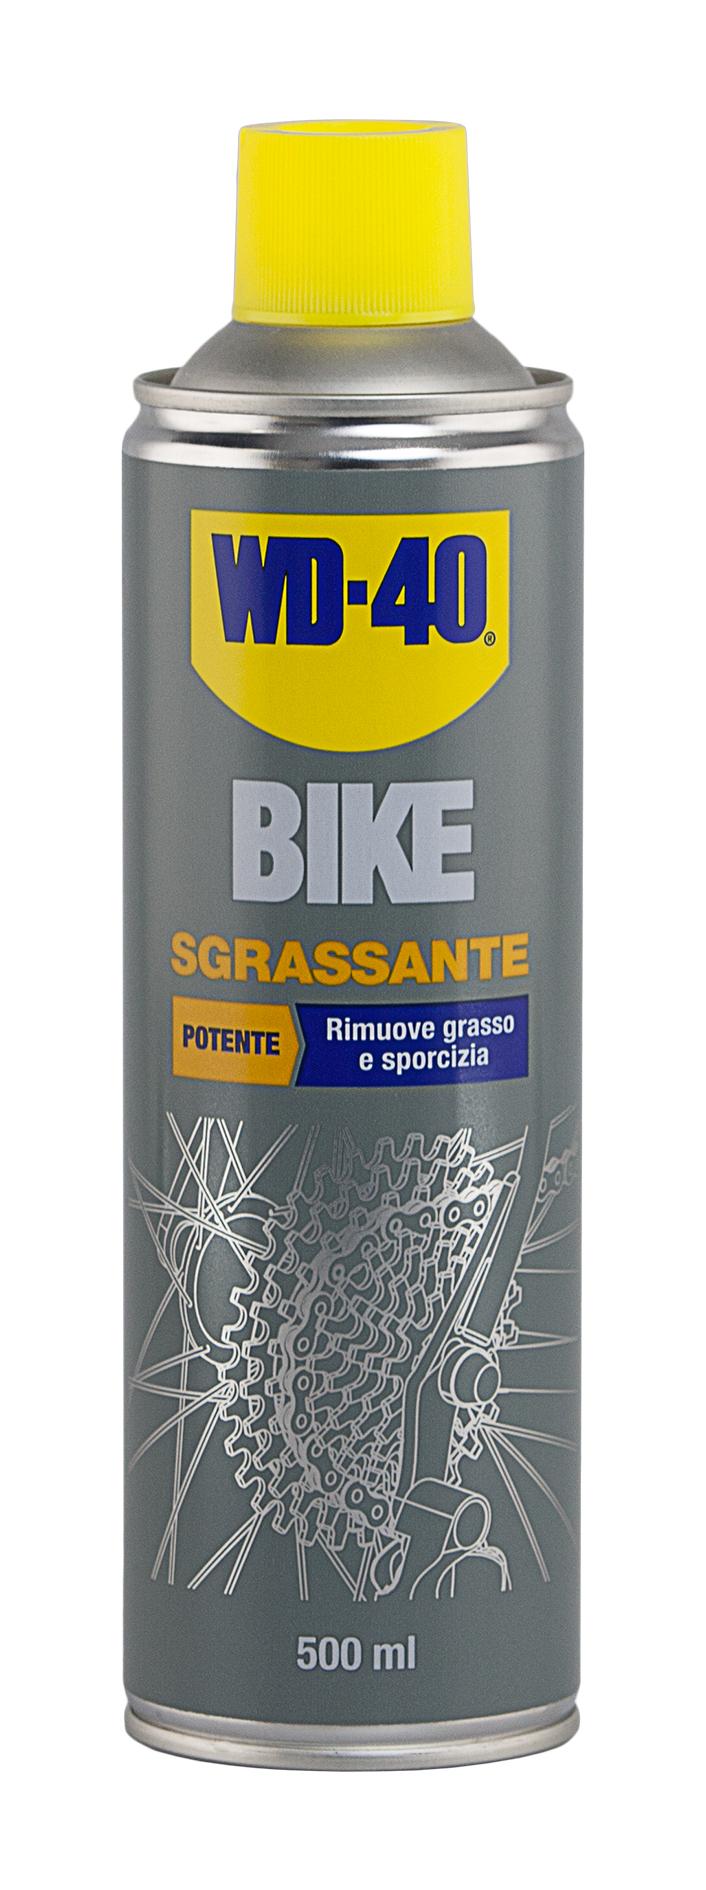 Grasso Biciclette Carrefour